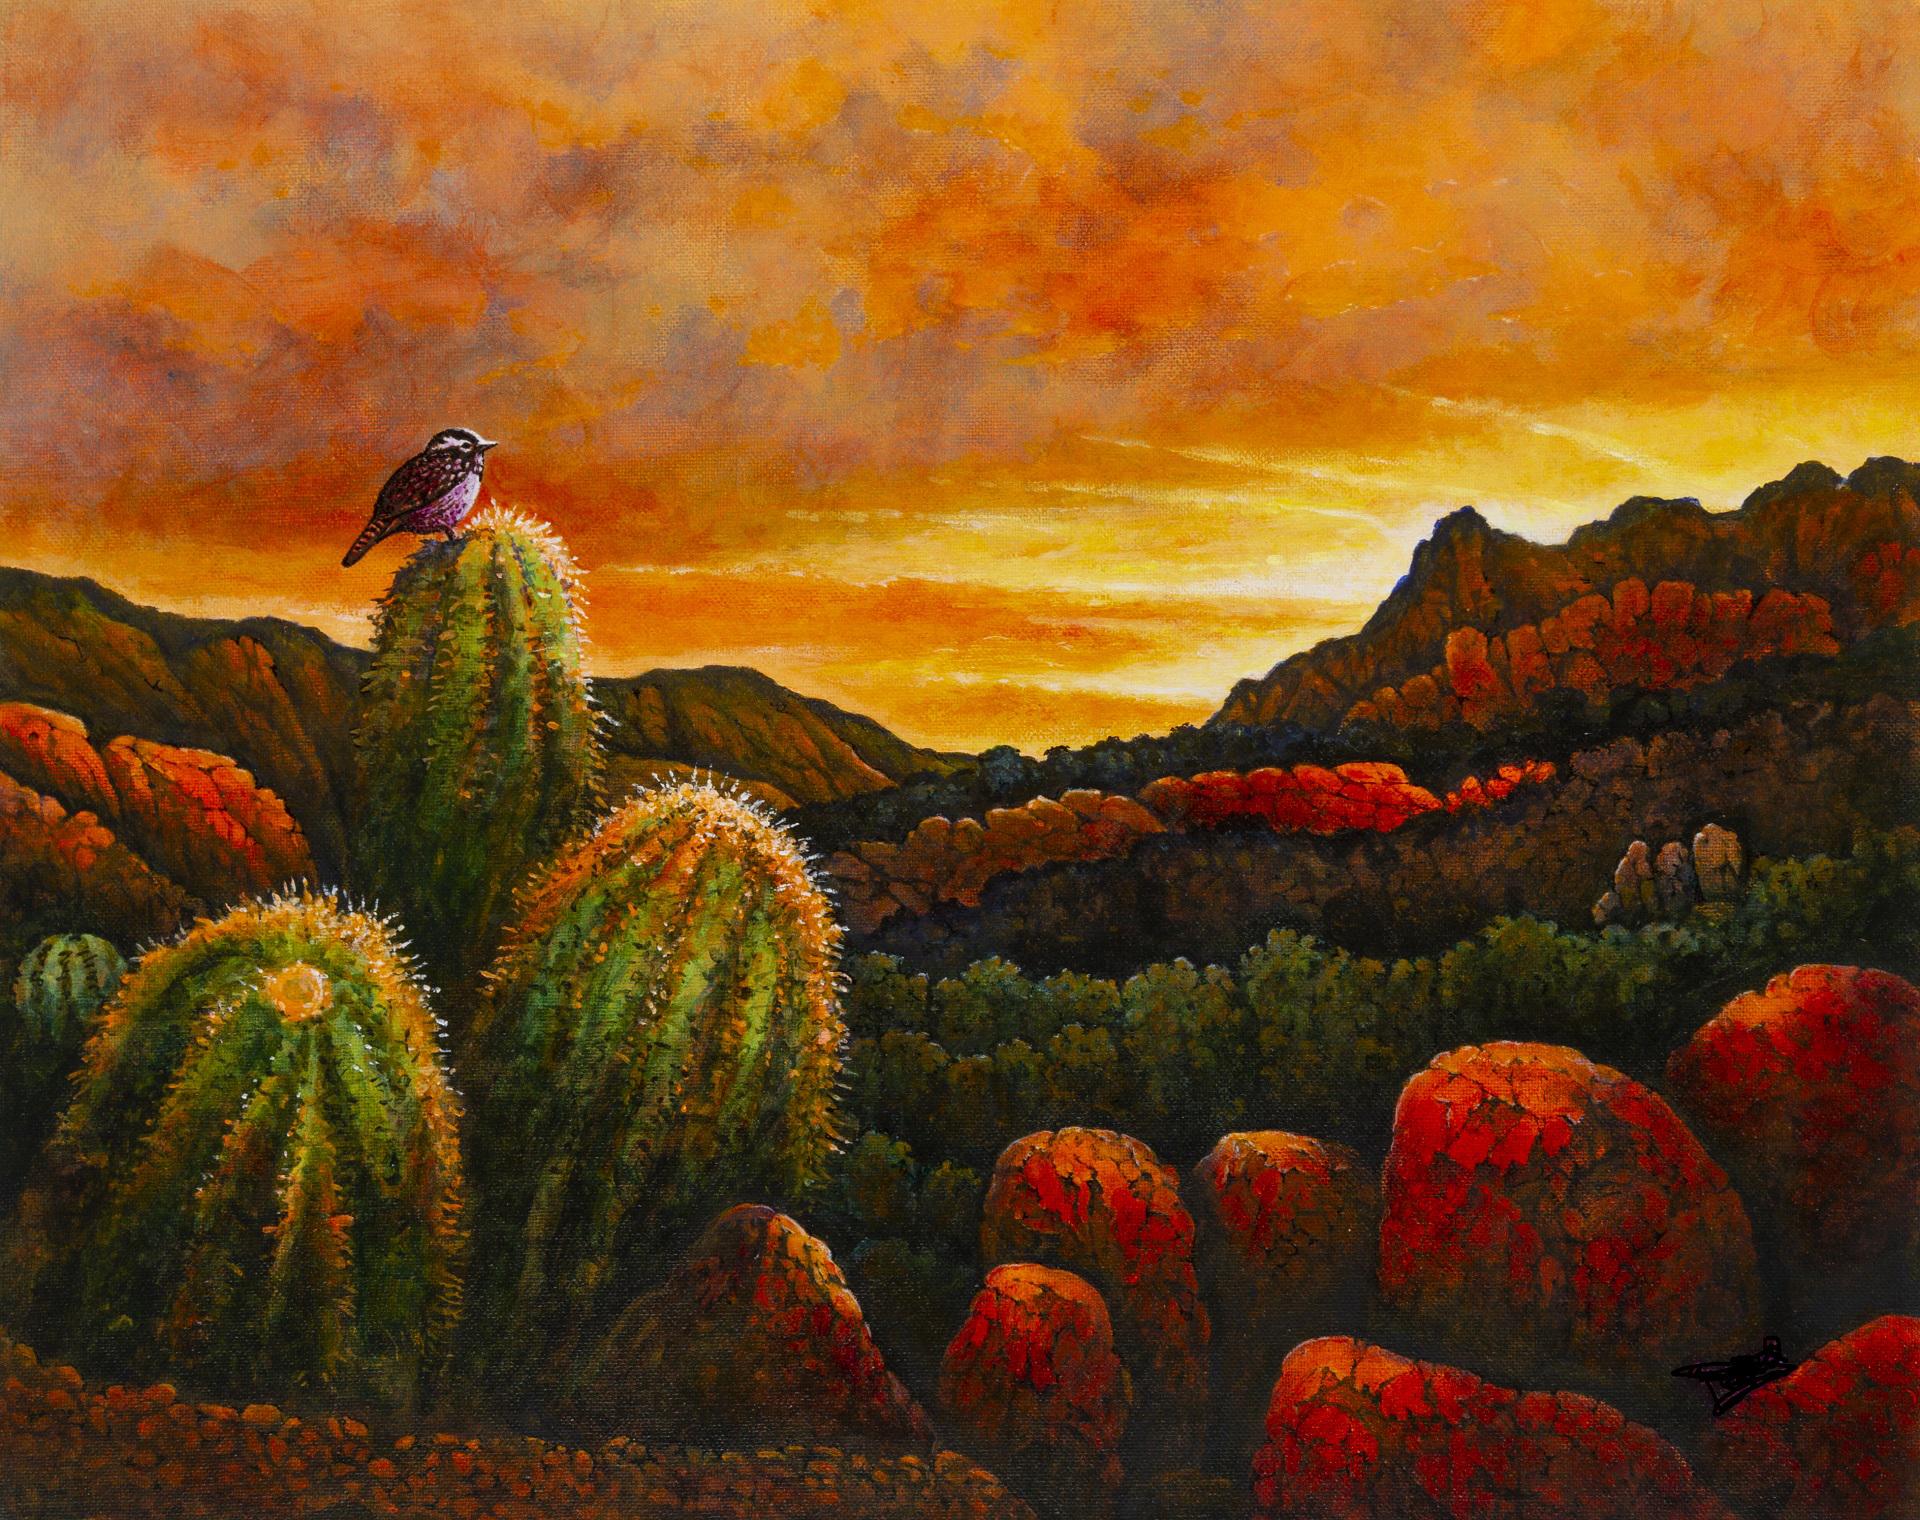 Desert Sunset, Michael Frank